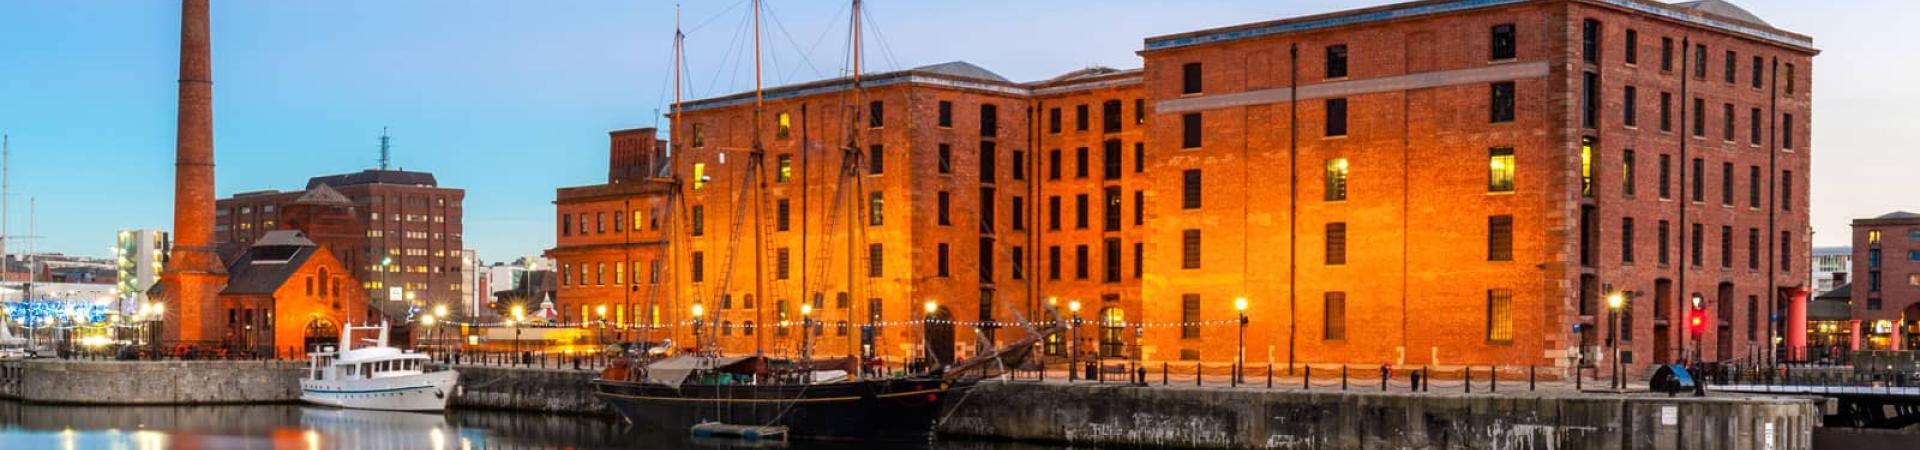 Albert Docks in Liverpool